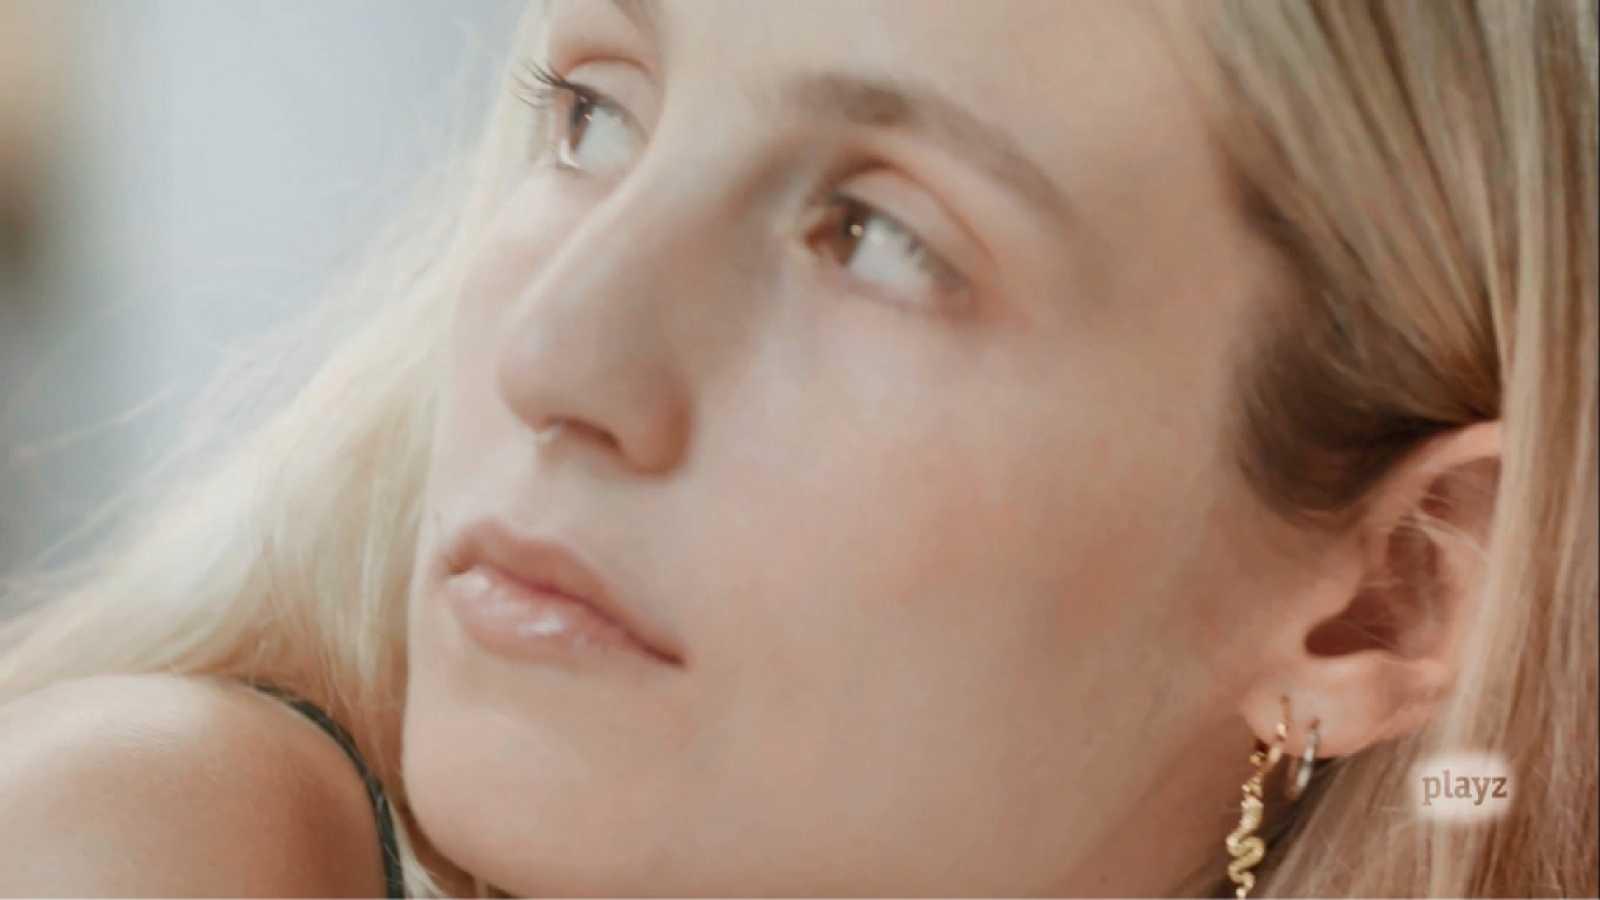 """Tintas - María Escarmiento: """"Me encantó el título de """"Sintiéndolo mucho"""" porque era el único que se me quedaba en la cabeza"""""""